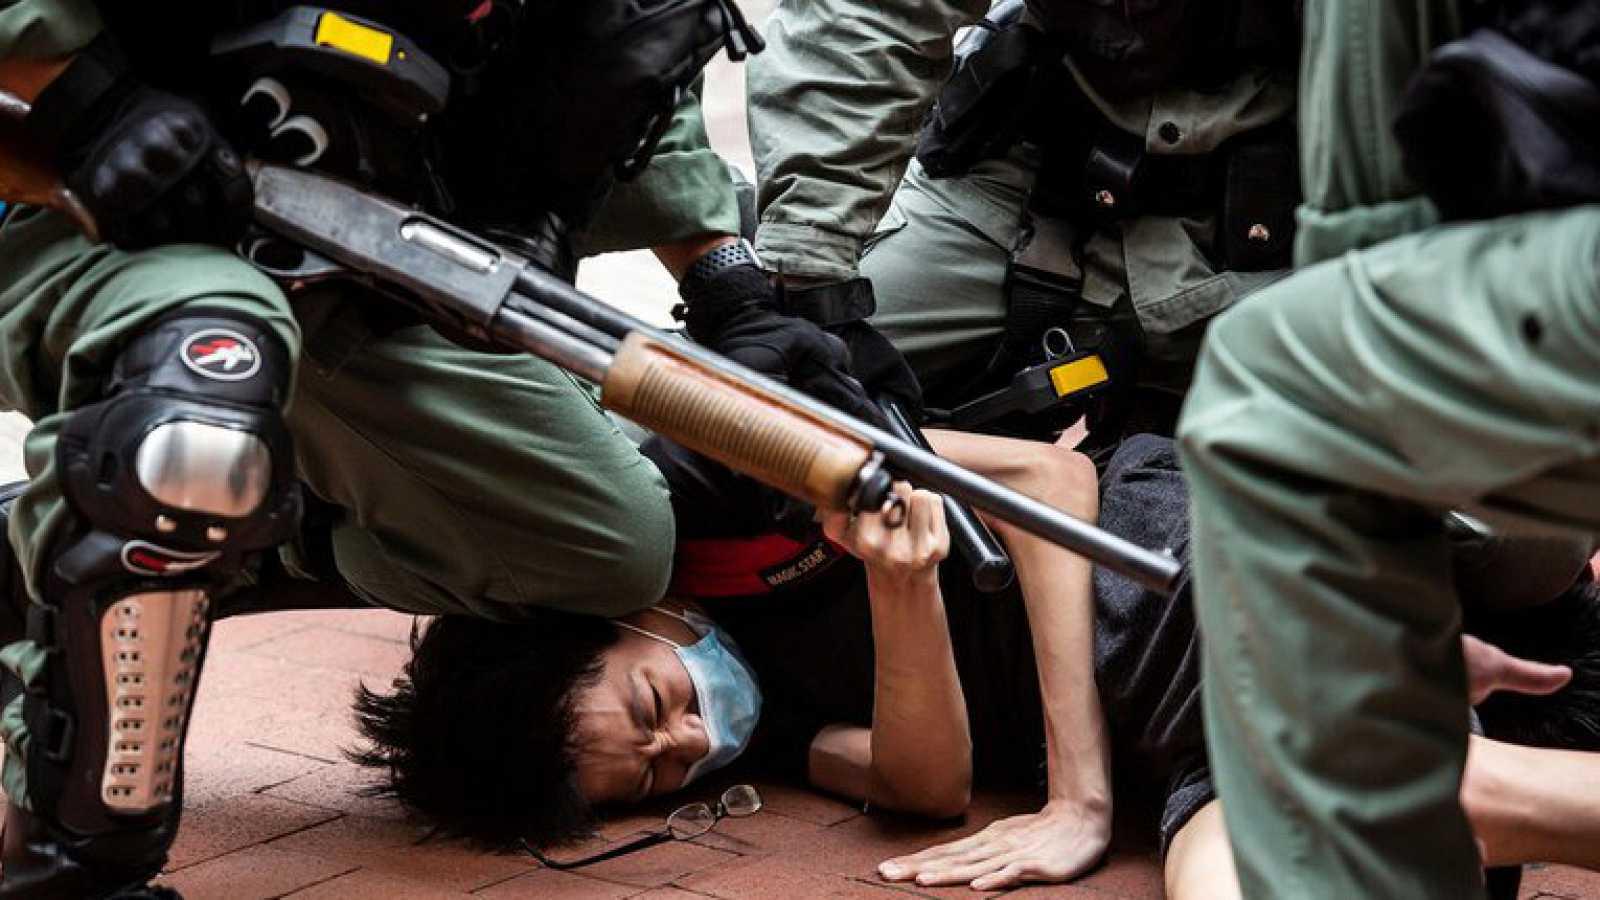 Asia hoy - Alarmante aumento de la represión política en China - 14/01/21 - Escuchar ahora